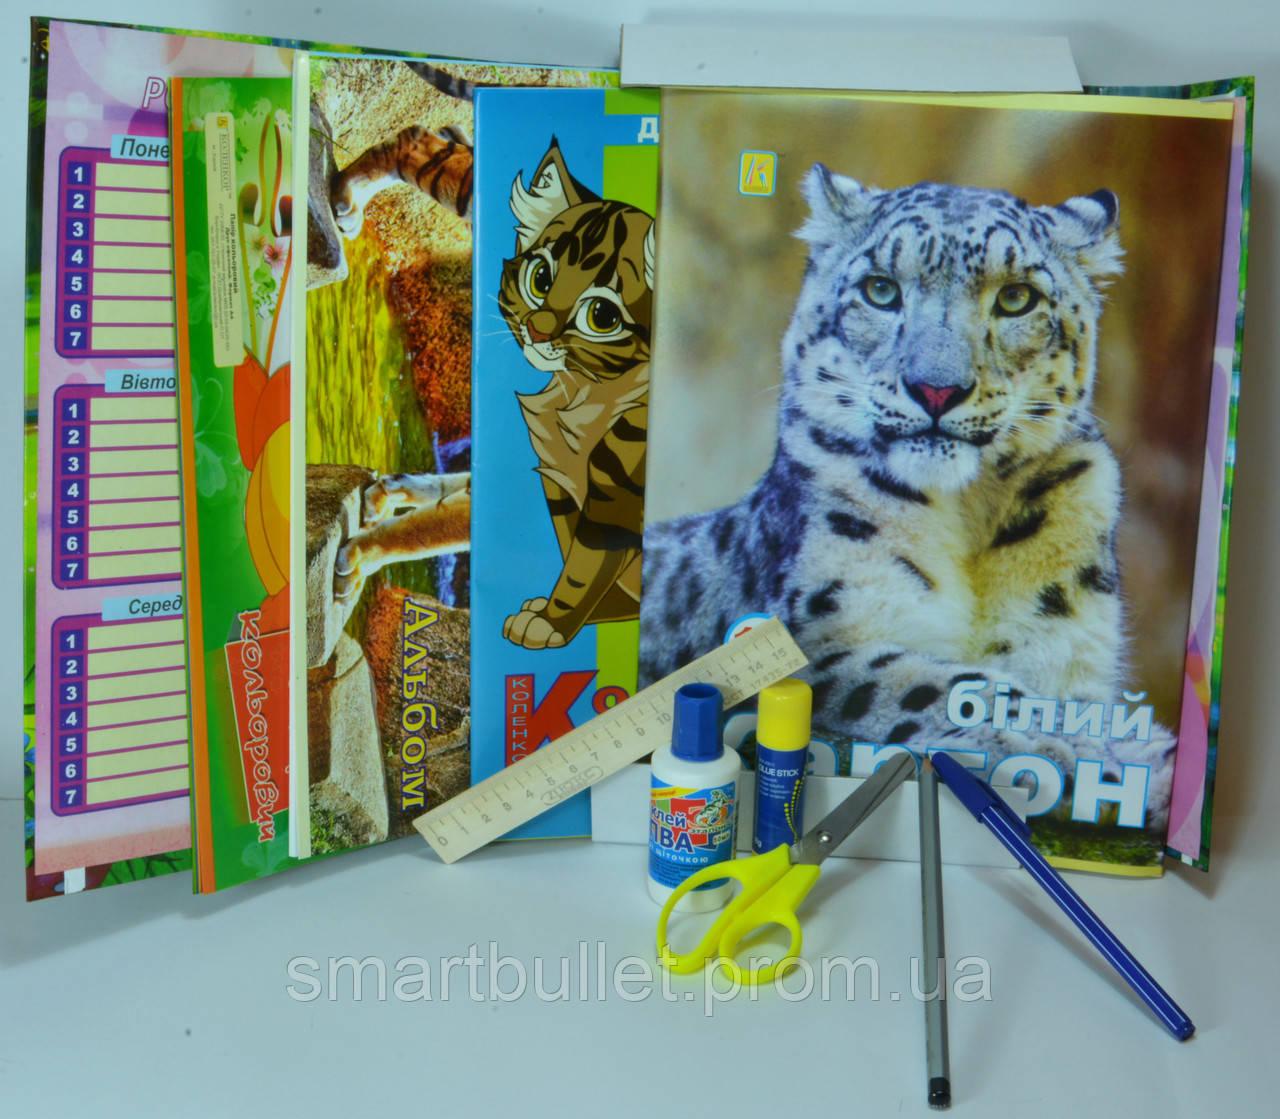 Подарок выпускнику детского сада для мальчиков Эконом-1.